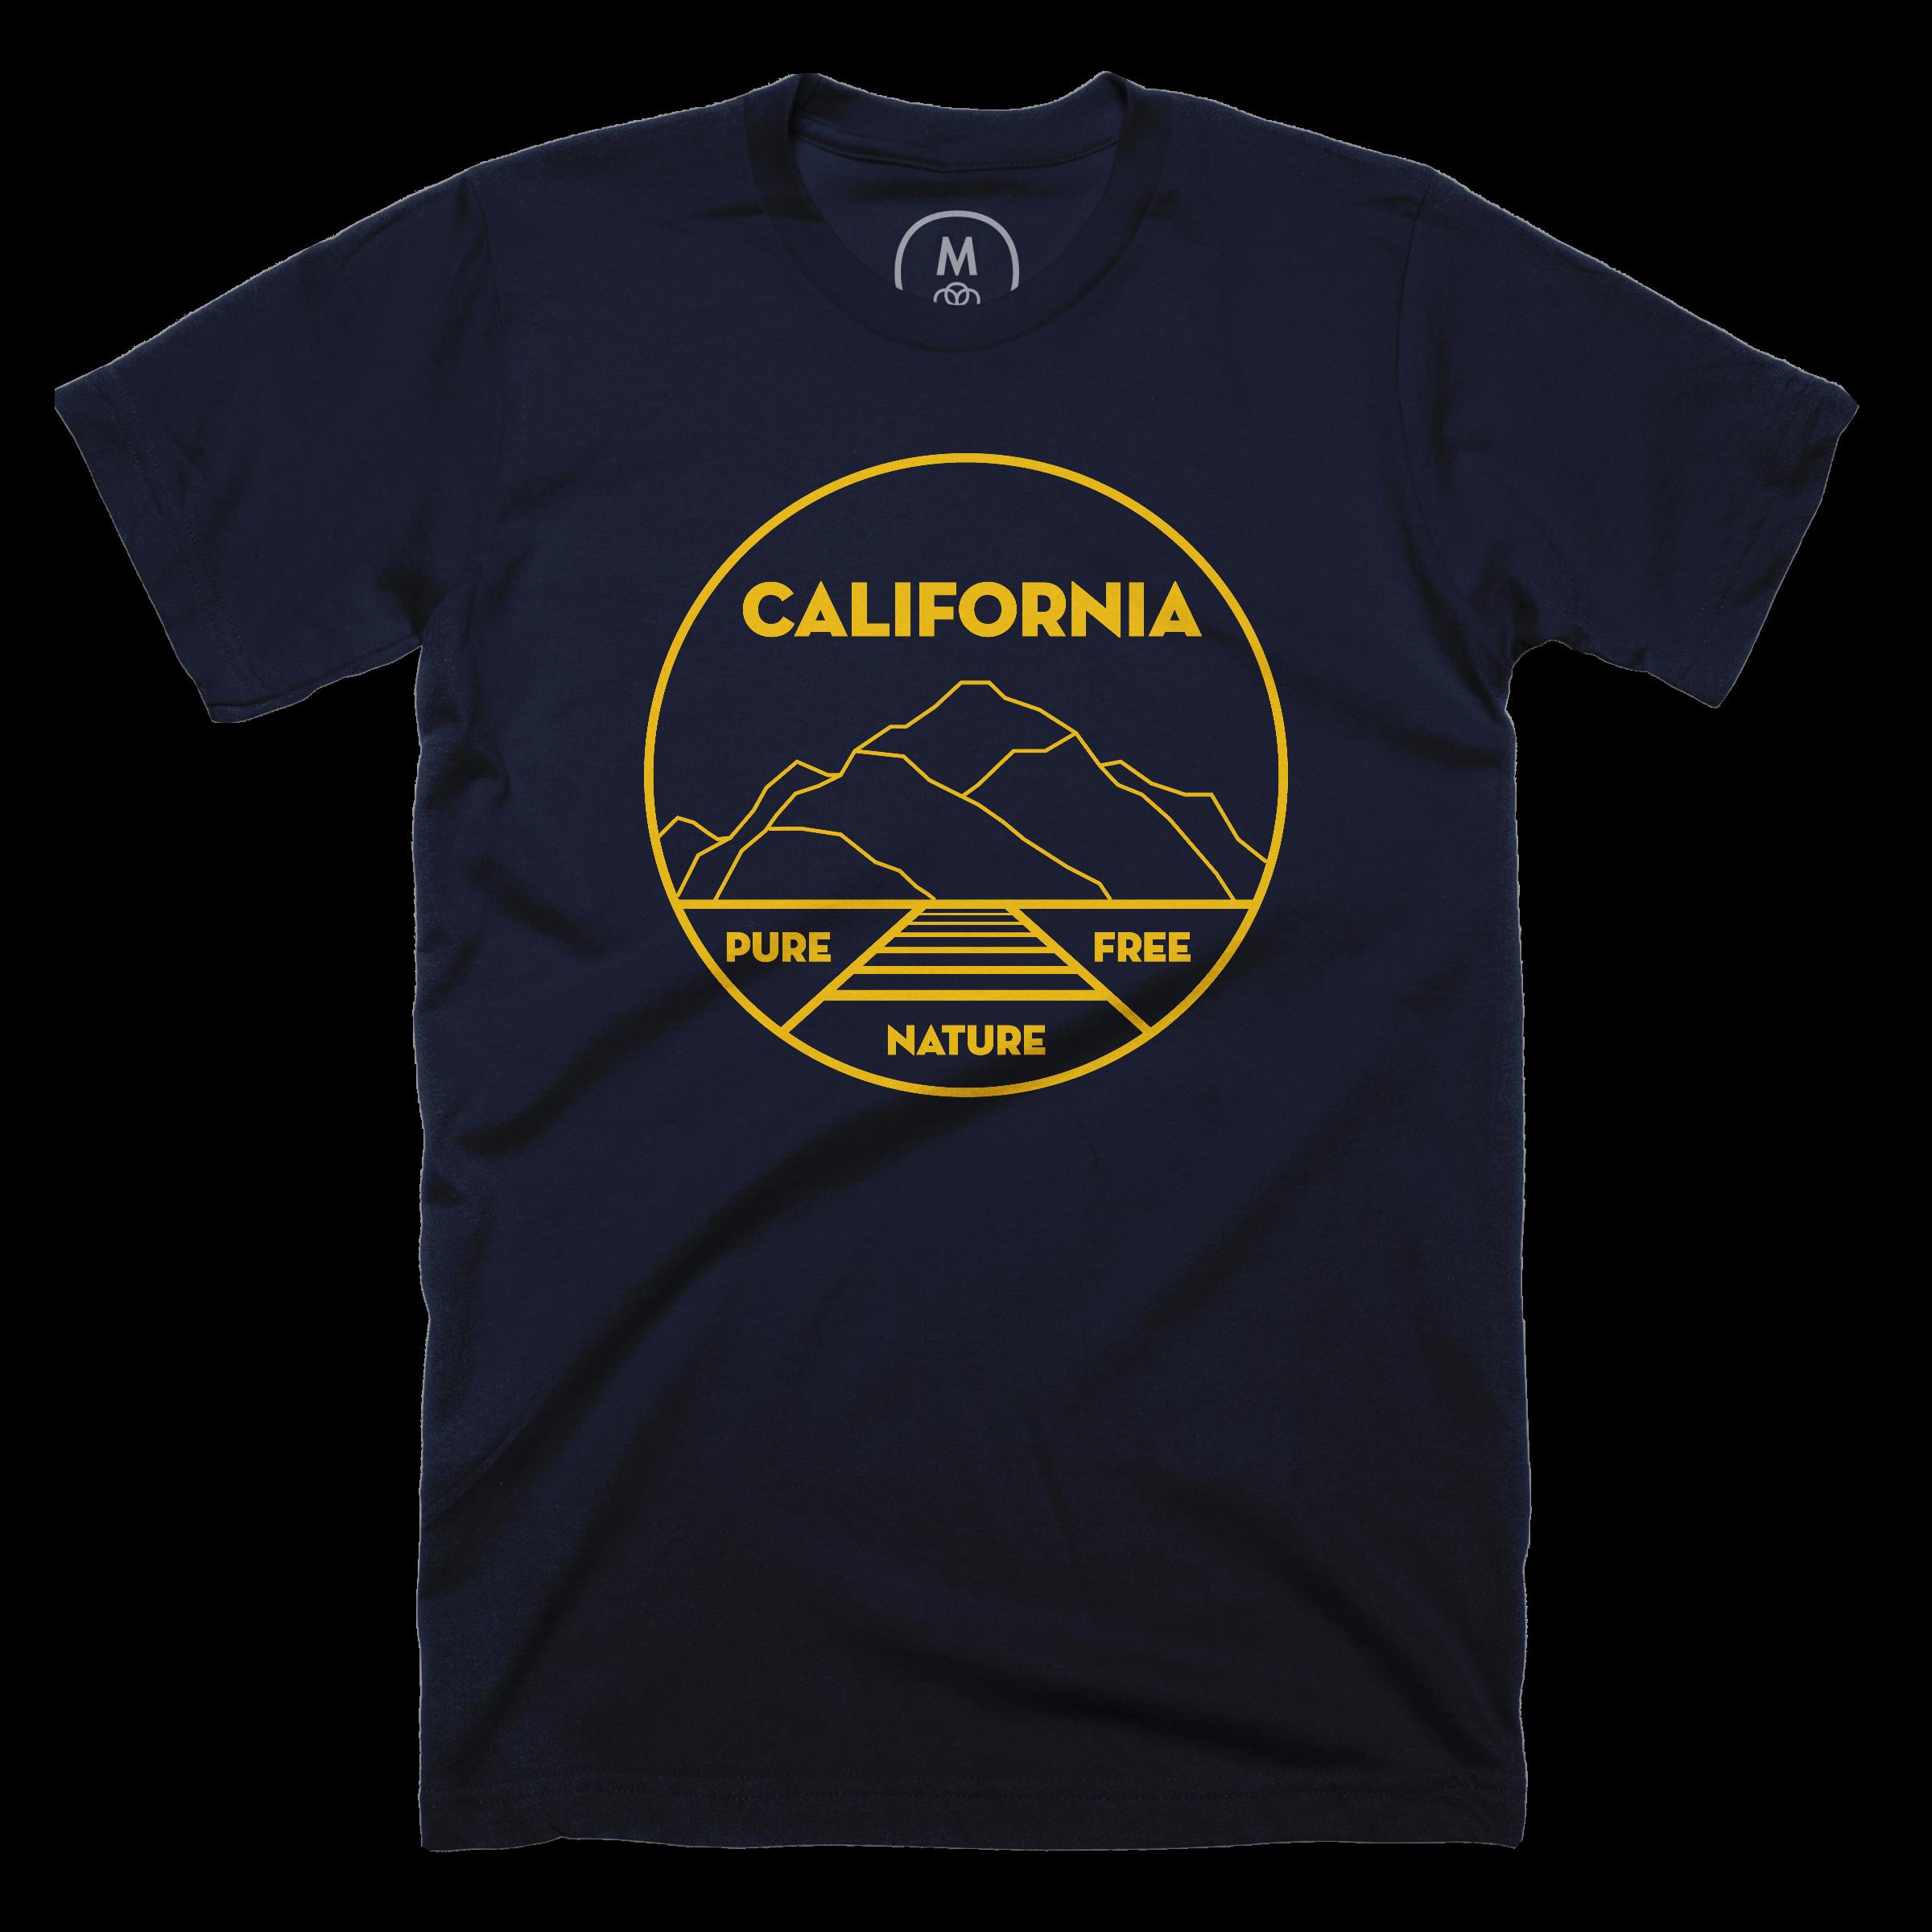 California Nature Tee